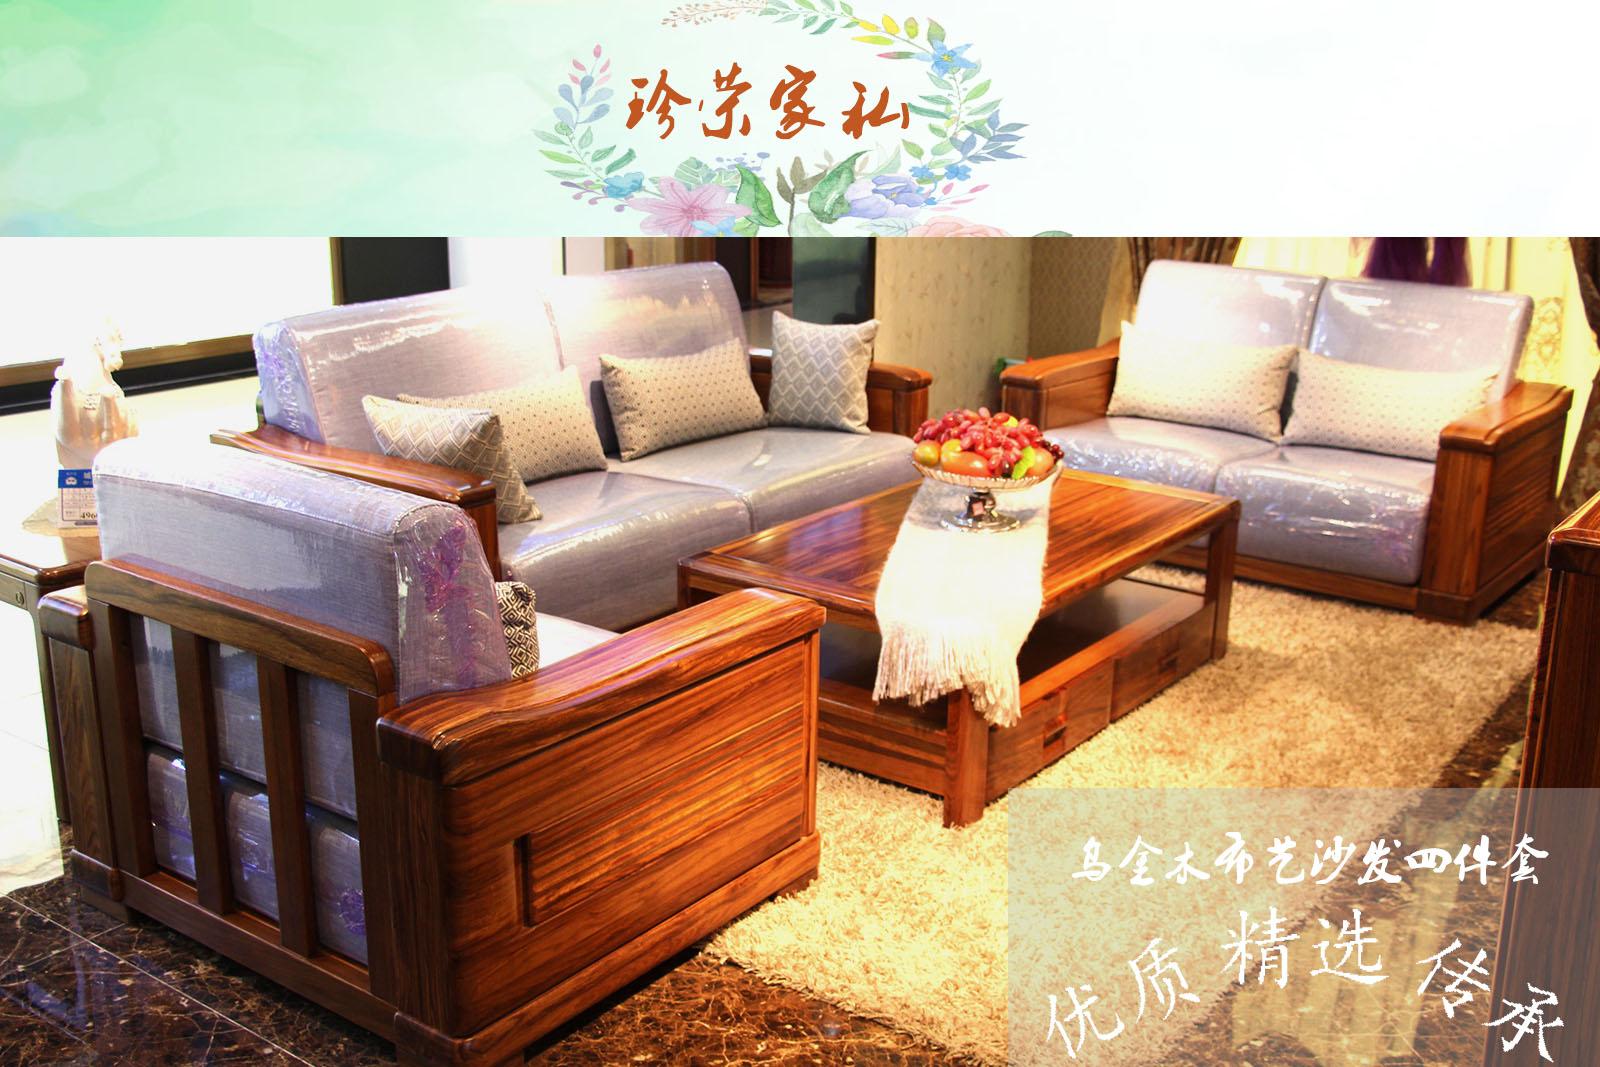 乌金木布衣沙发四件套素雅清新舒适生活